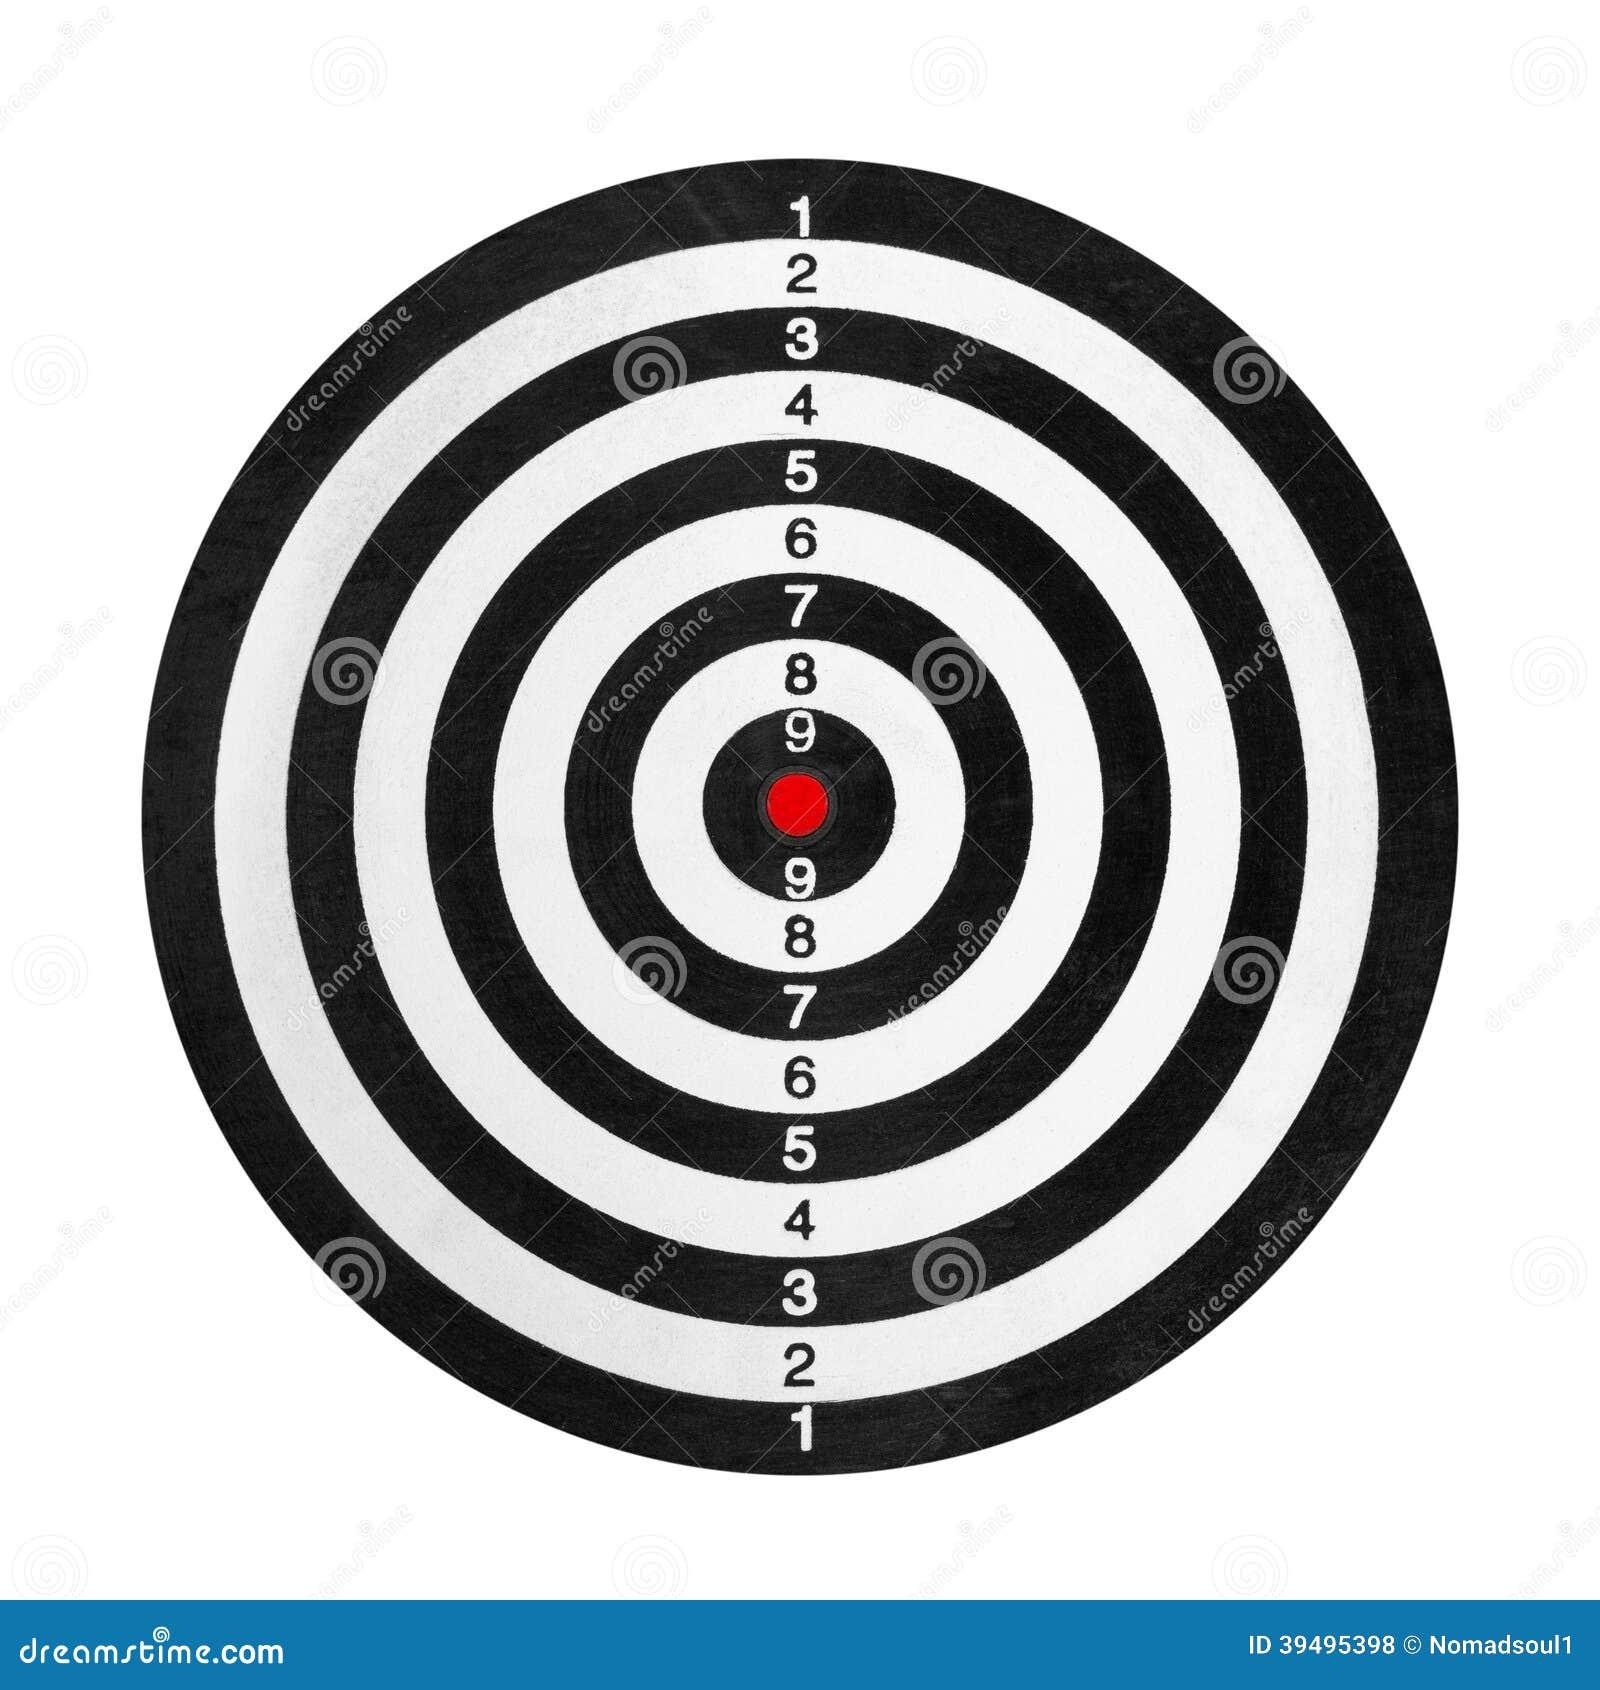 Shooting Range Target Stock Illustration - Image: 39495398